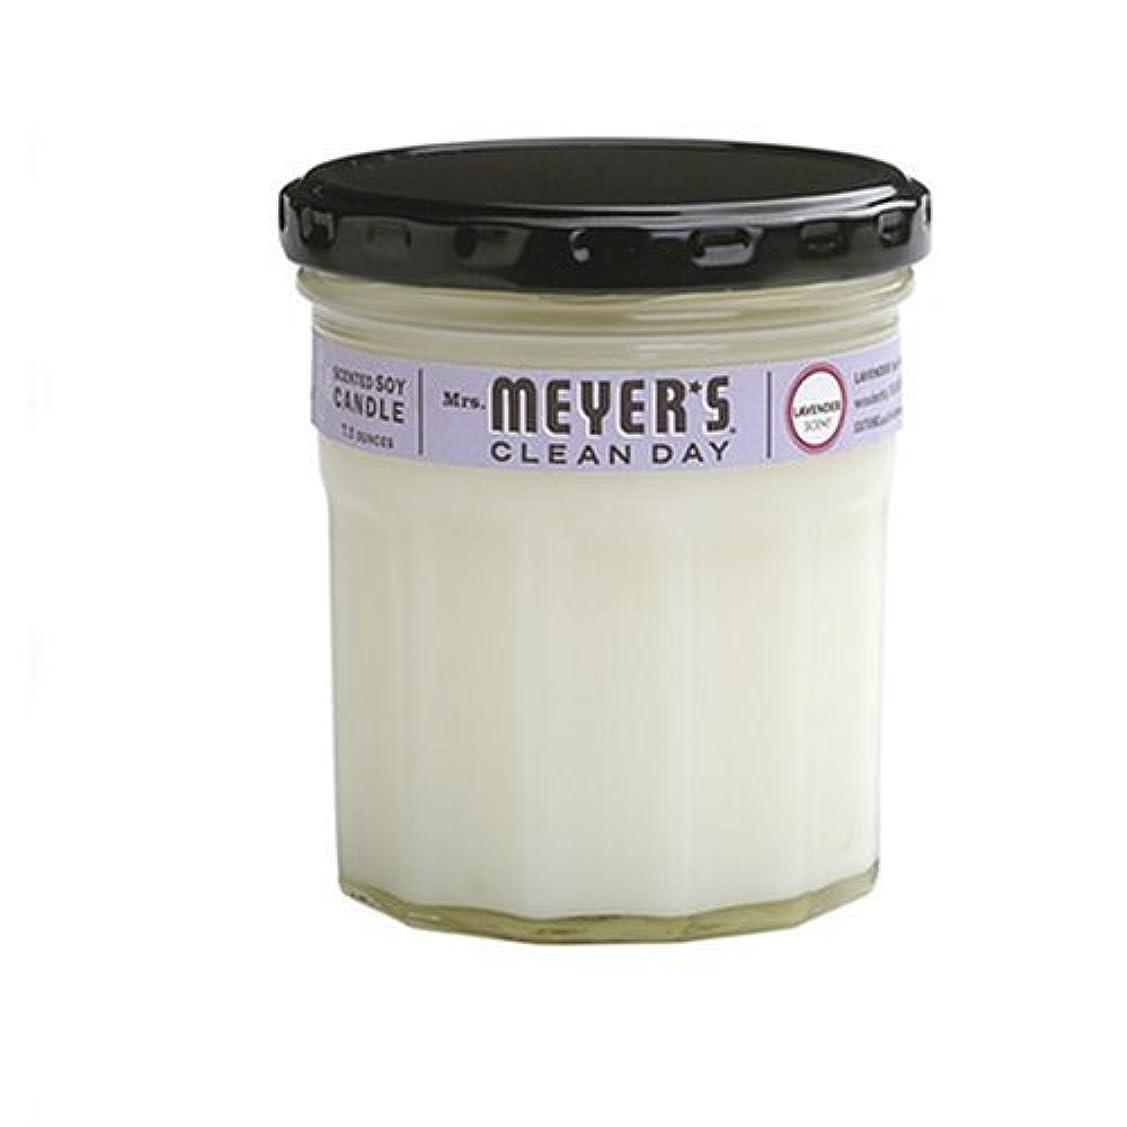 陪審押す勢いMrs. Meyer's Clean Day Soy Candle, Lavender, 7.2 Ounce Glass Jar [並行輸入品]